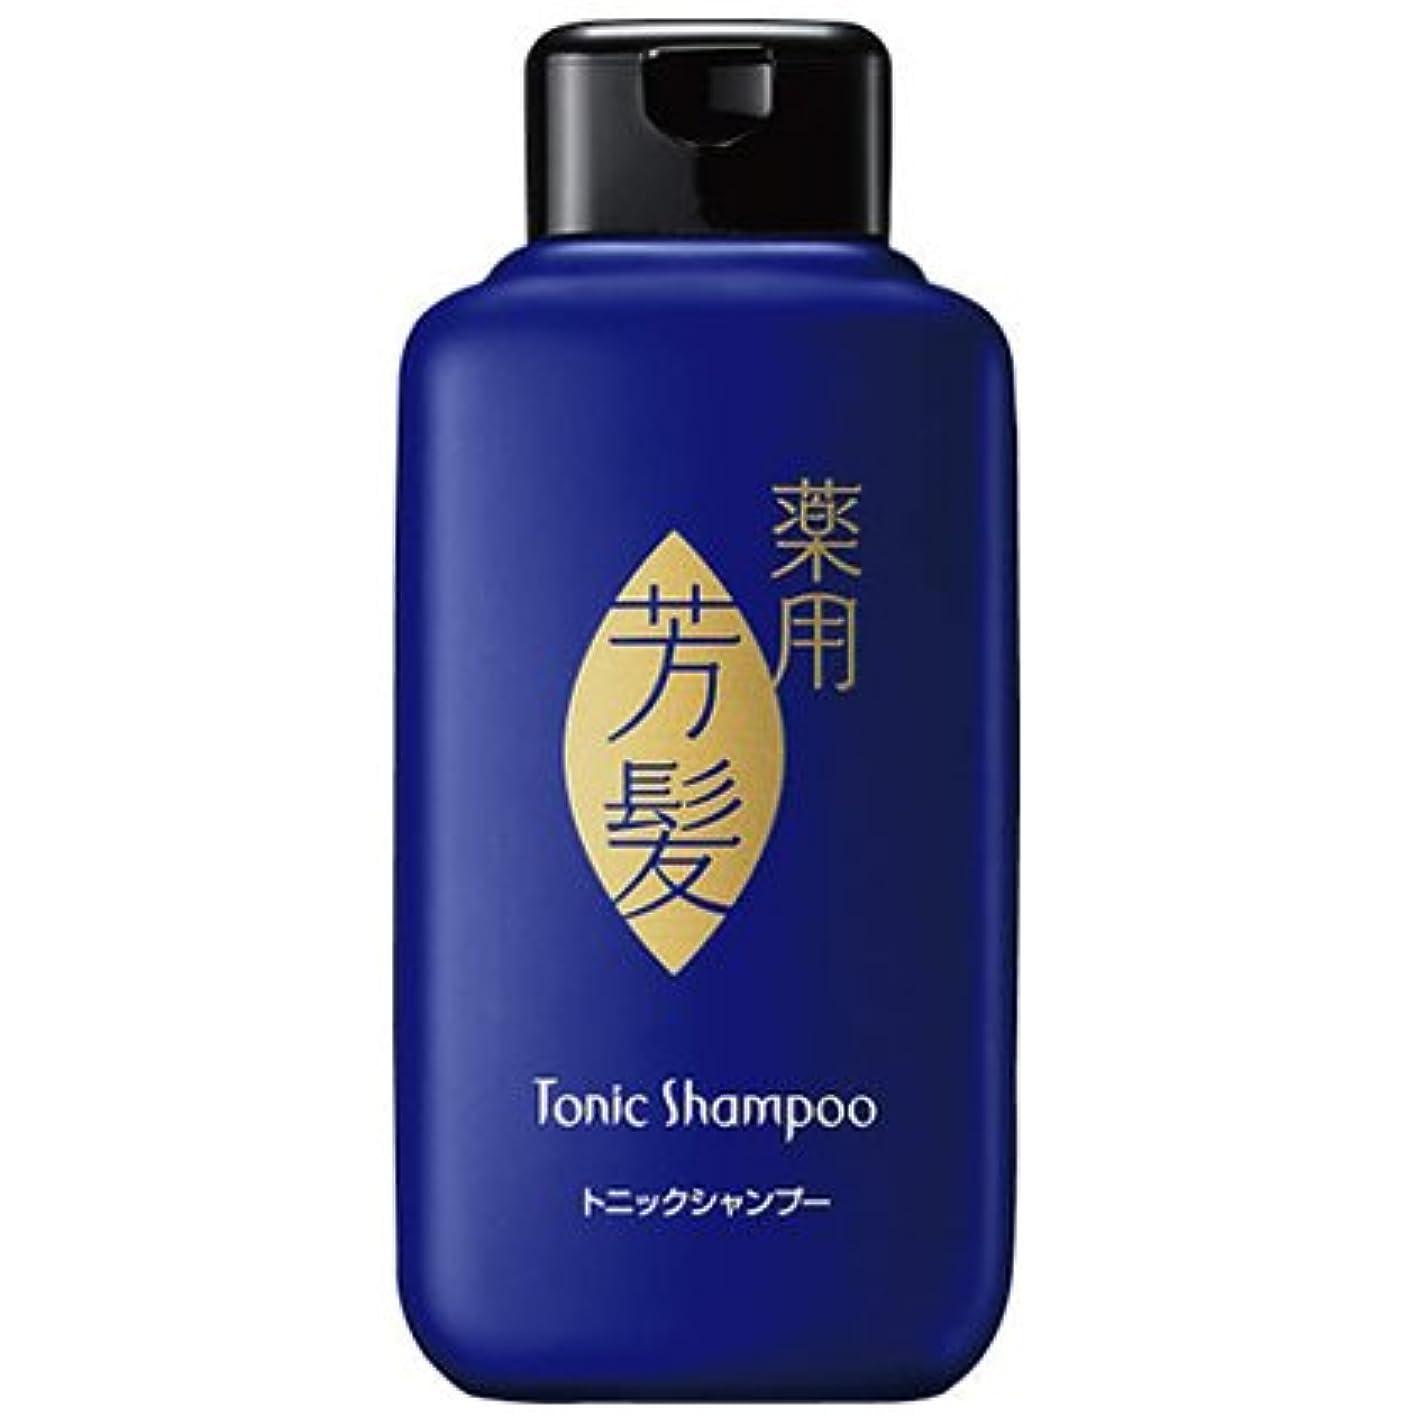 速記雨バーエイボン 薬用 芳髪 フォーメン トニック シャンプー(医薬部外品)250ml